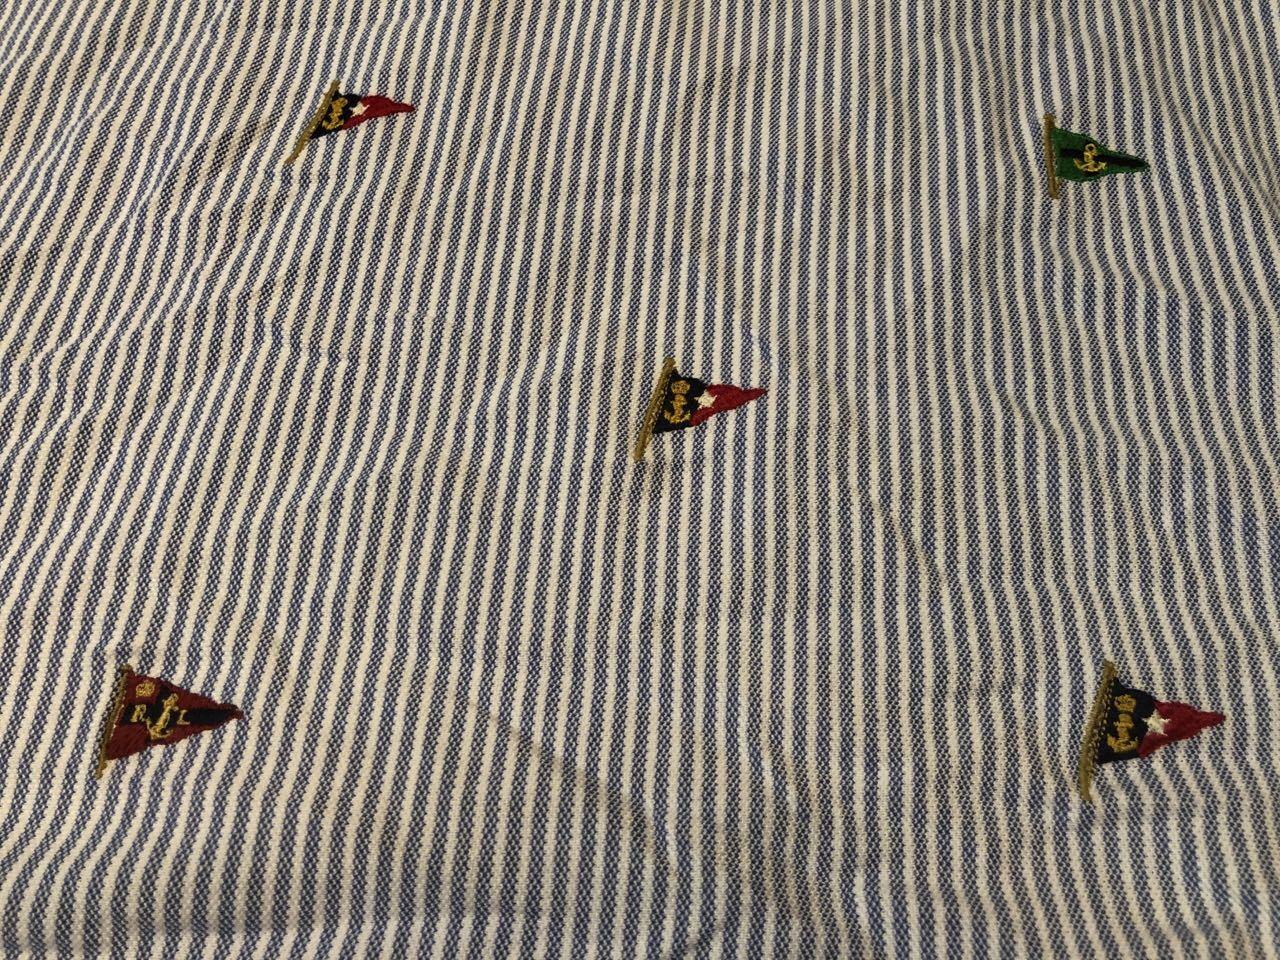 5/30(土)入荷!Ralph Lauren ラルフローレン プルオーバー ストライプ ボタンダウンシャツ!_c0144020_13555687.jpg